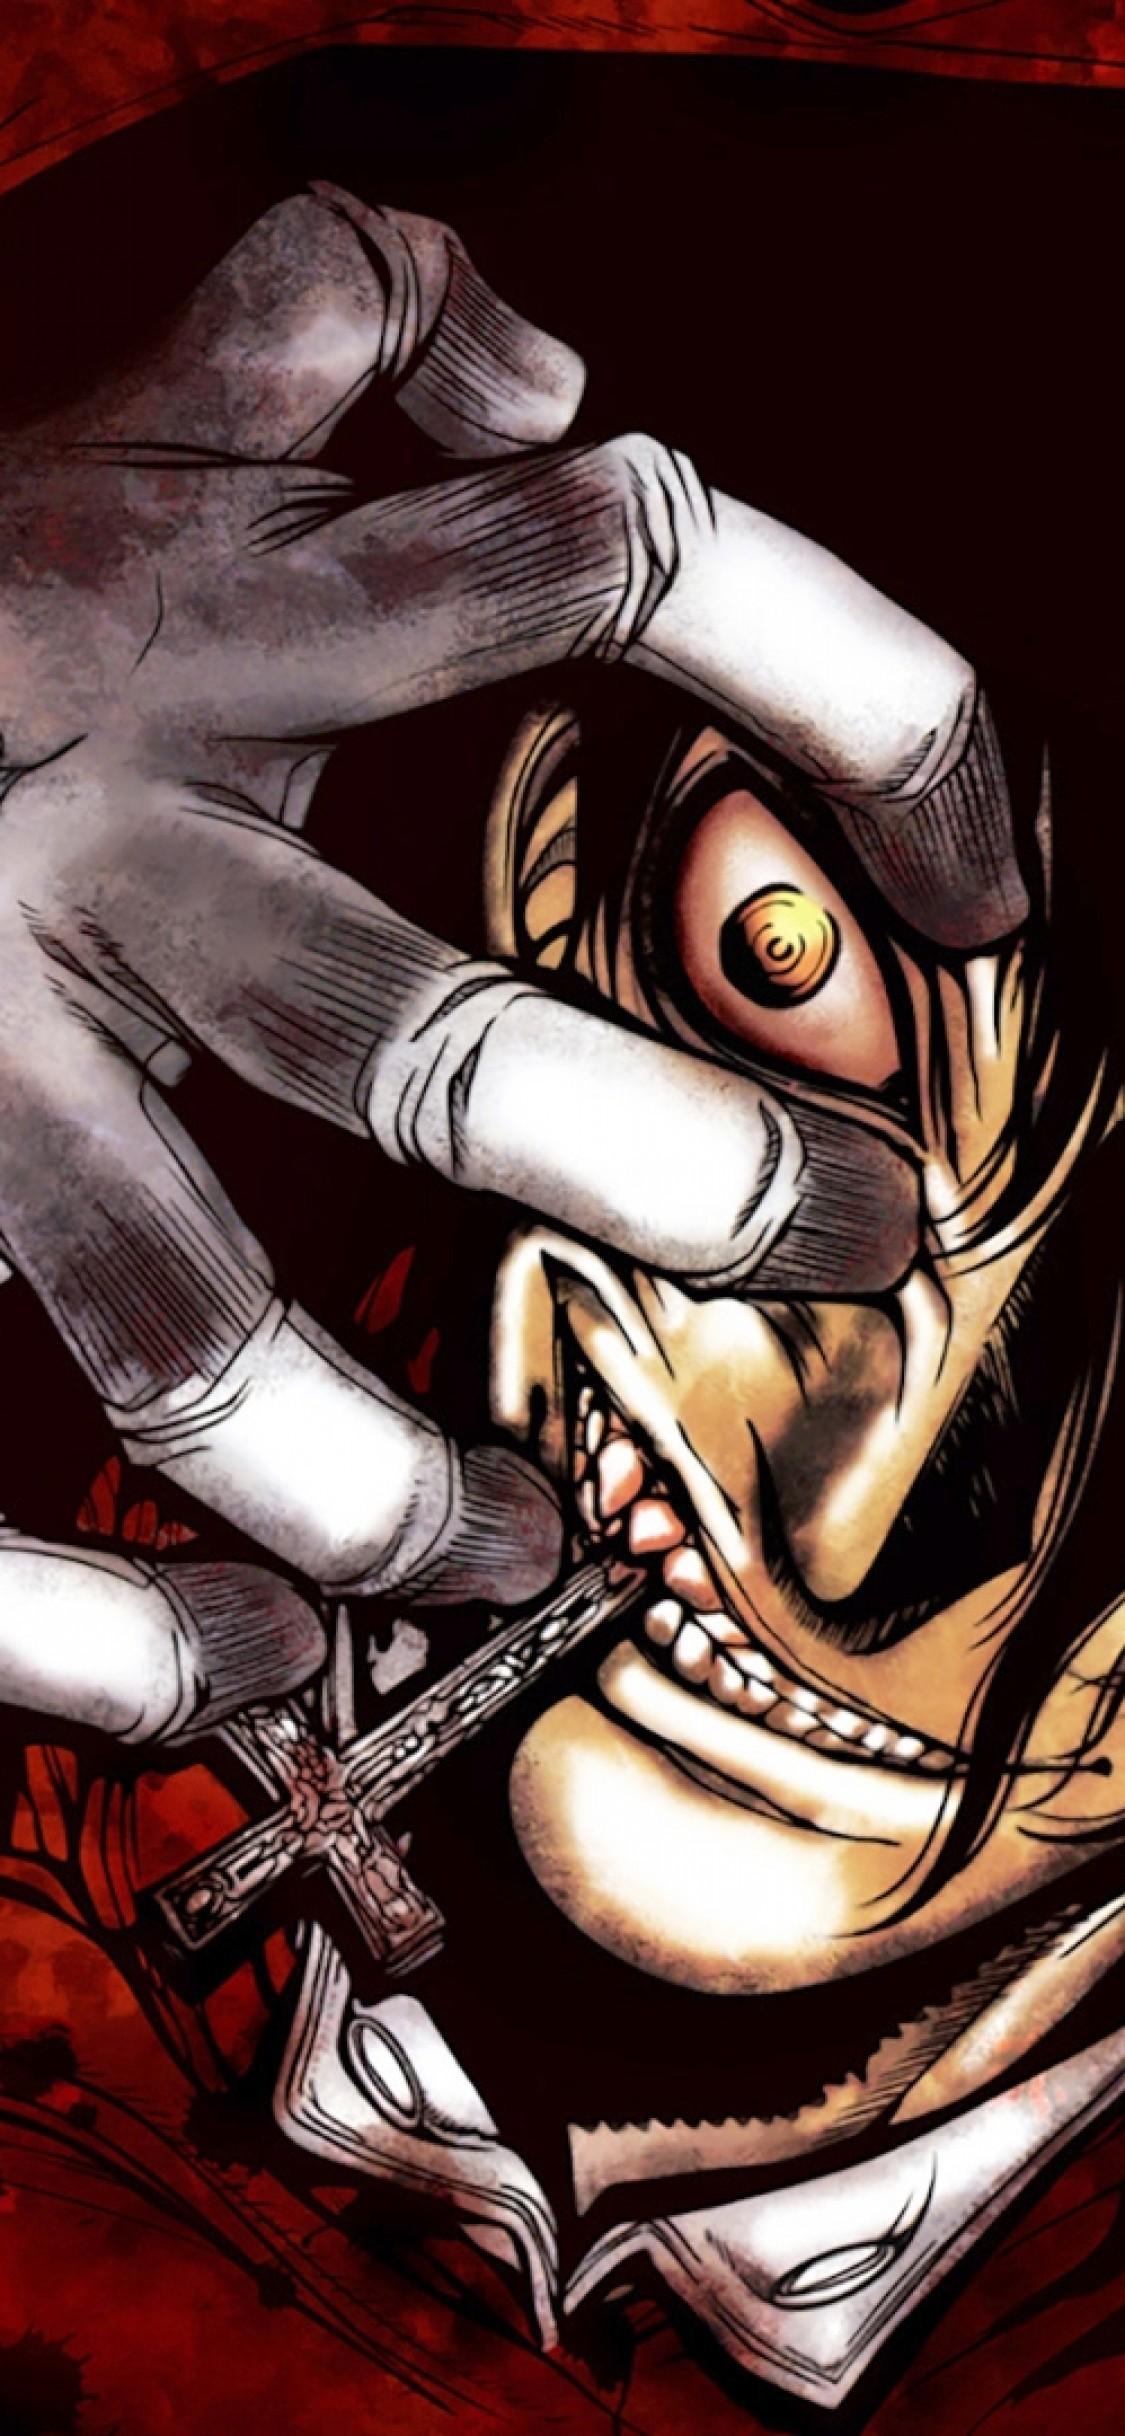 Res: 1125x2436, Hellsing, Alucard, Vampire, Creepy